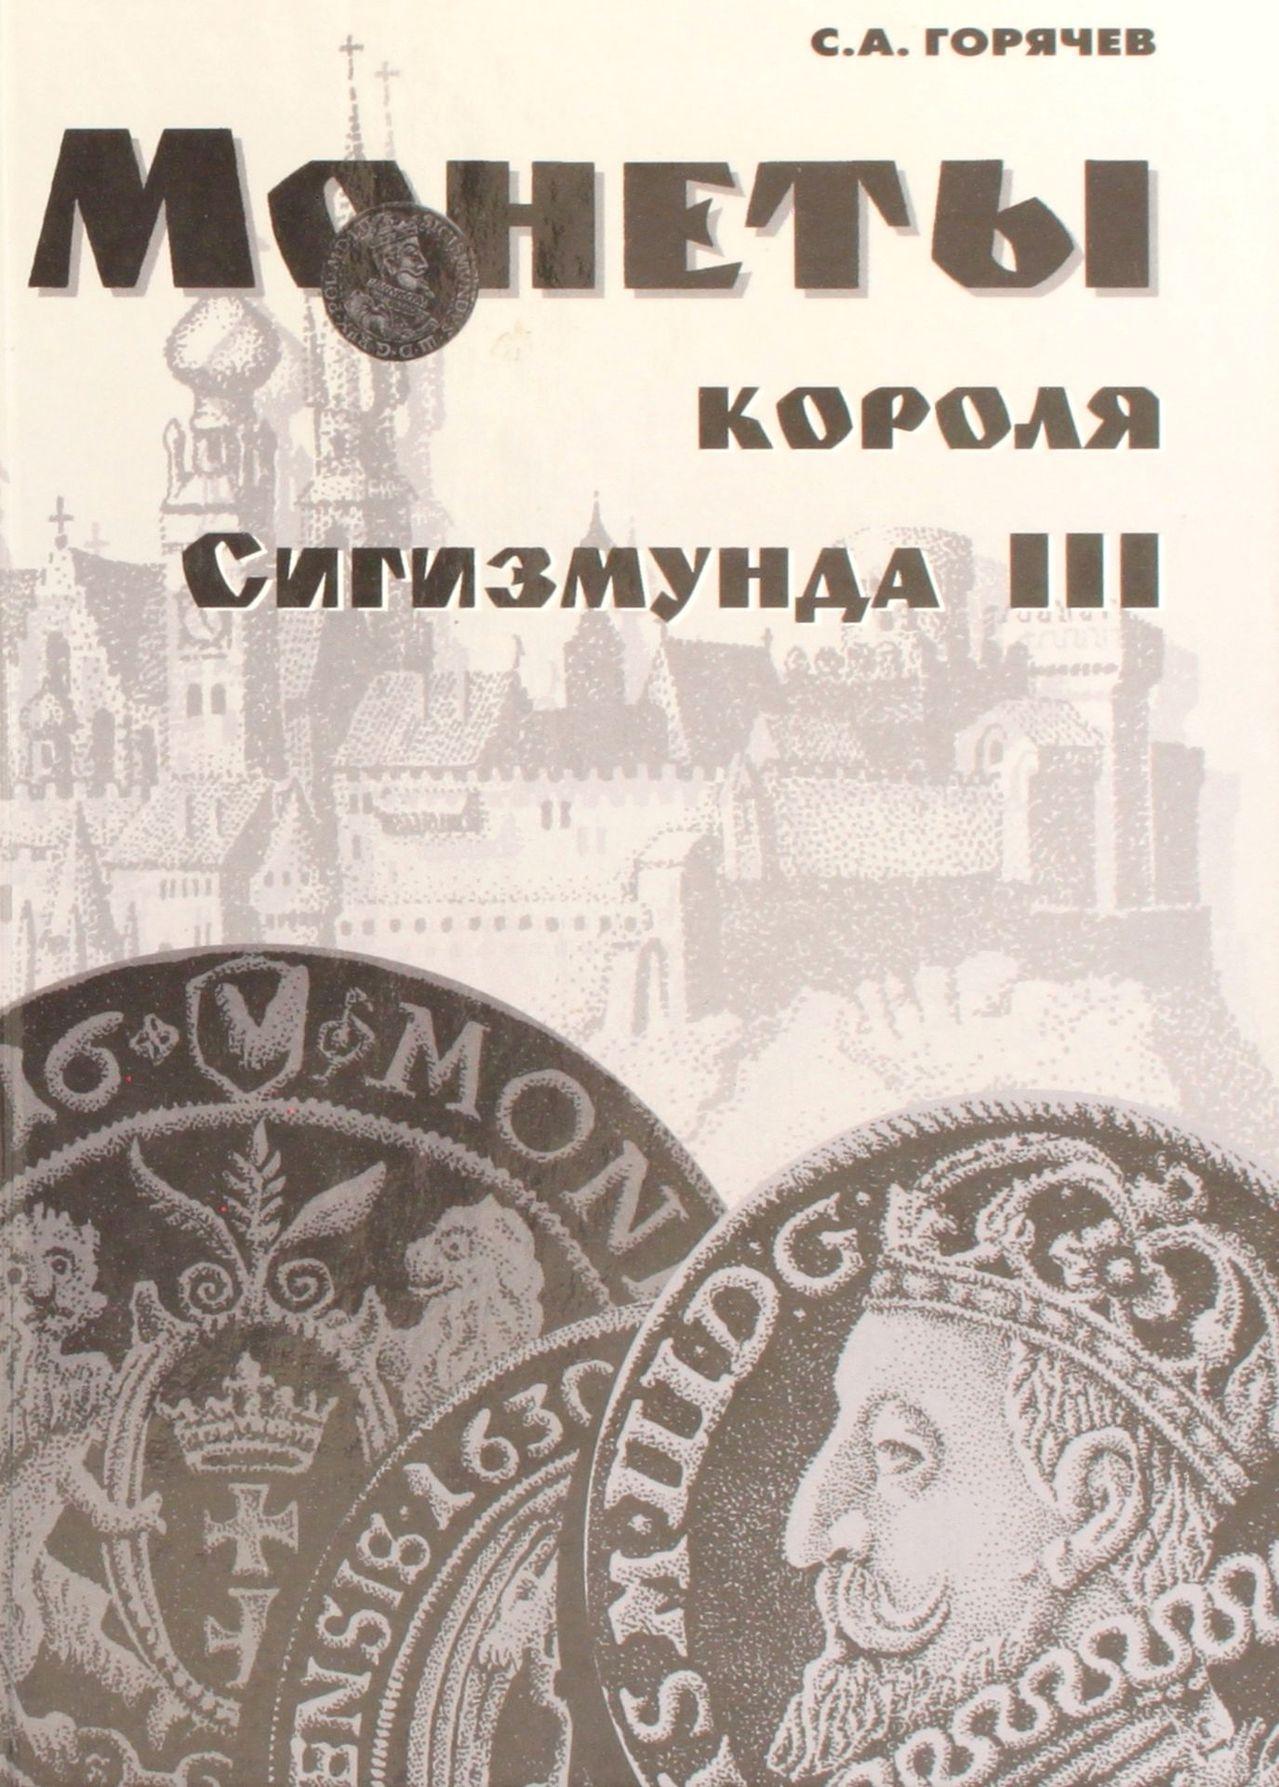 Catalogo especializado - Las monedas del rey Segismundo III III_1998